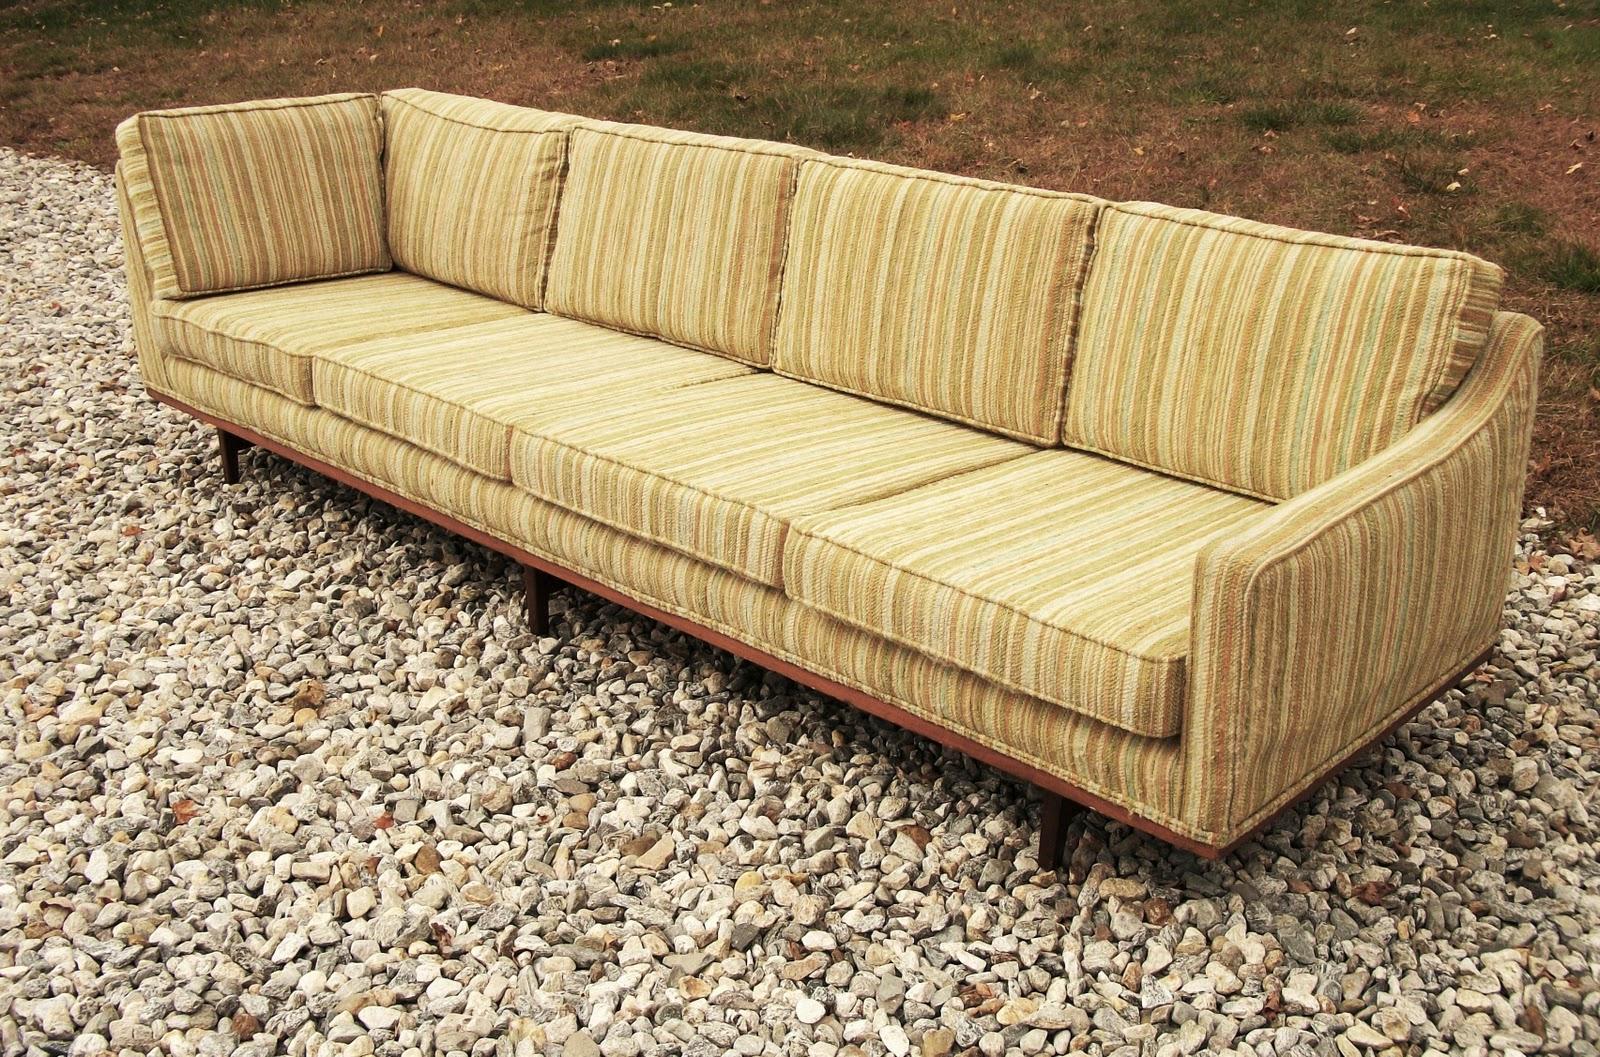 Mobiledanish 60s Teak Upholstered Sofa